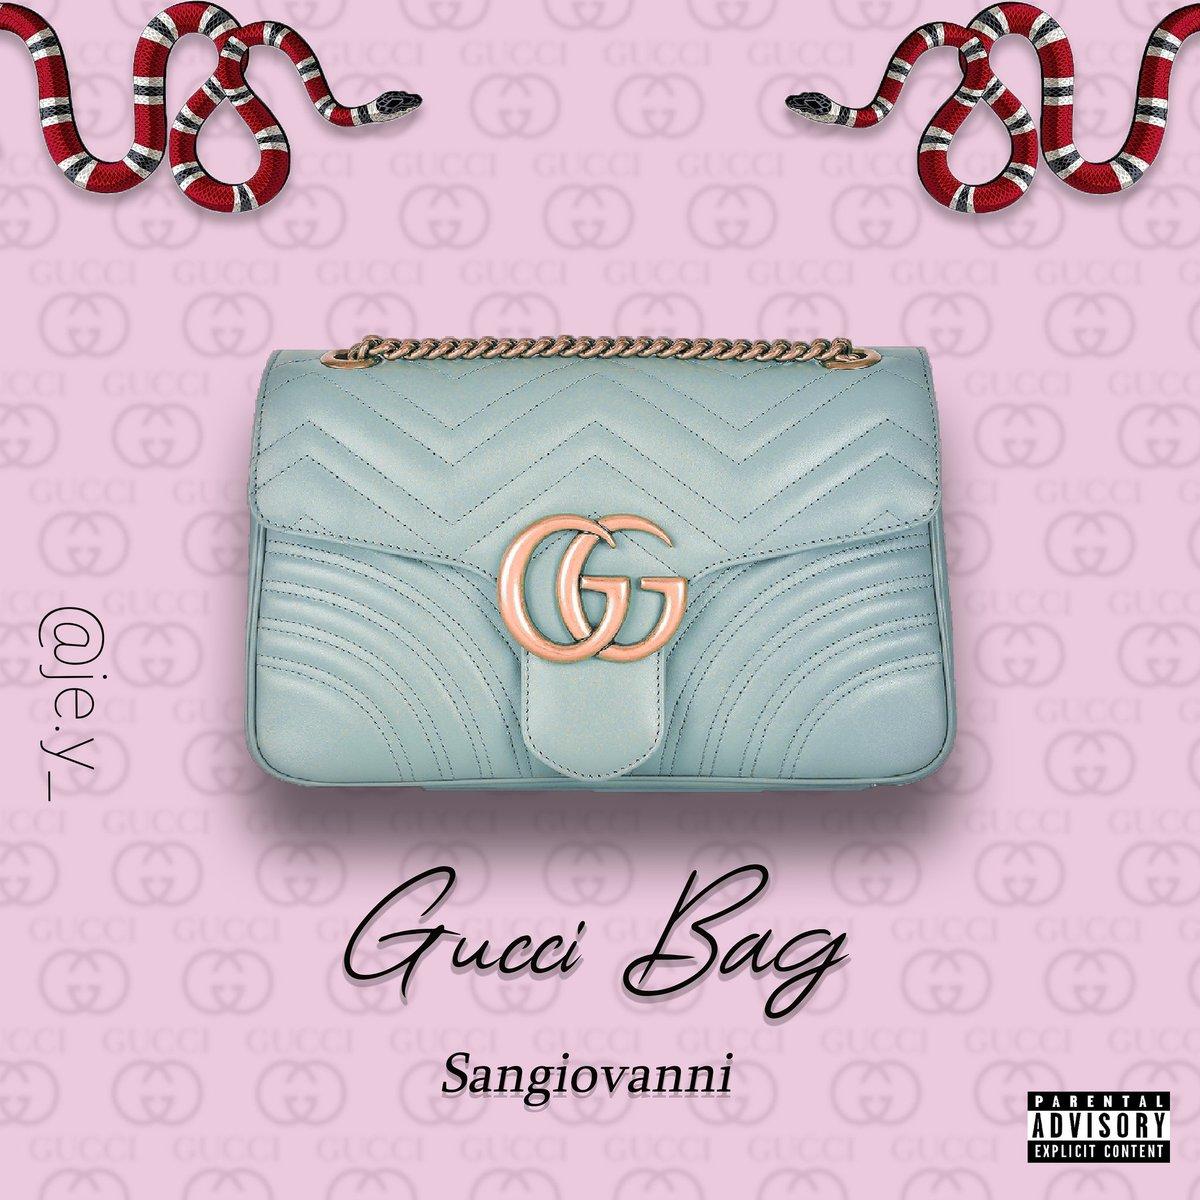 @sangiovann1 che non mi caga la grafica, ma io ti assillerò  #AMICI20 #Sangiovanni #sangio #guccibag #graphic #art #bag #gucci #bagdigucci #guccy